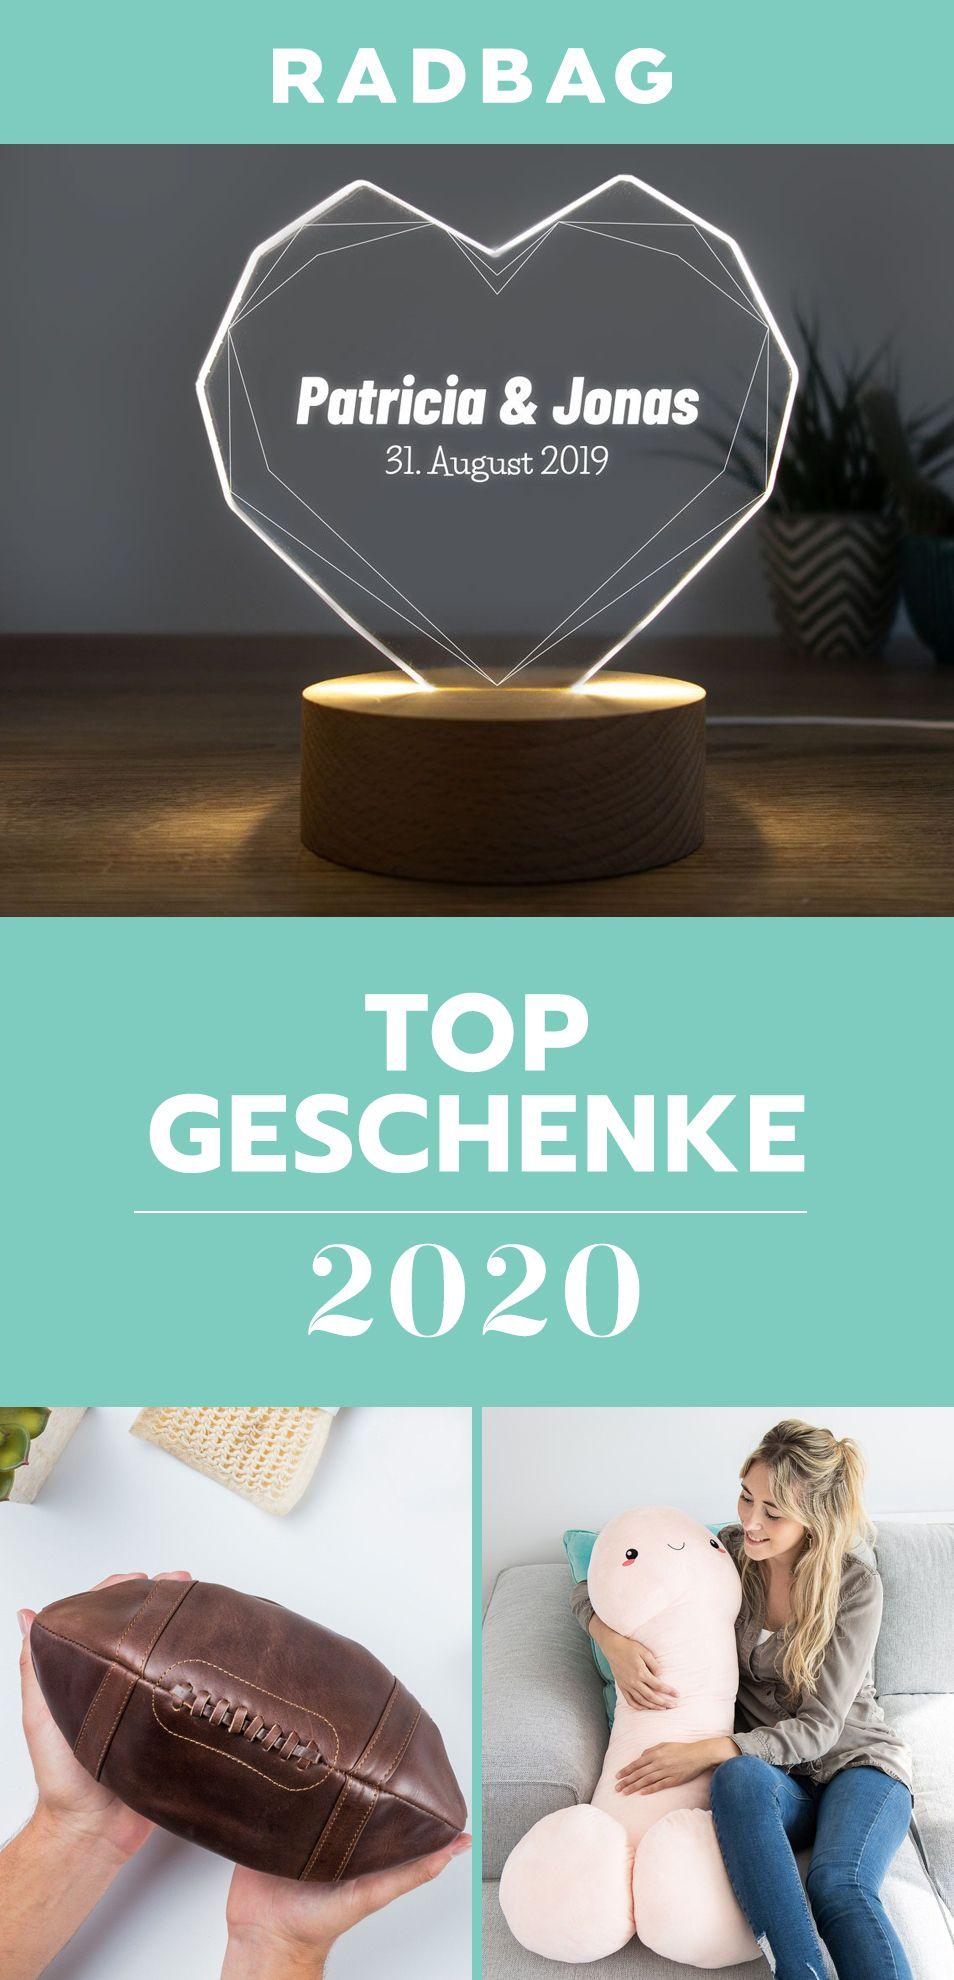 TOP GESCHENKE